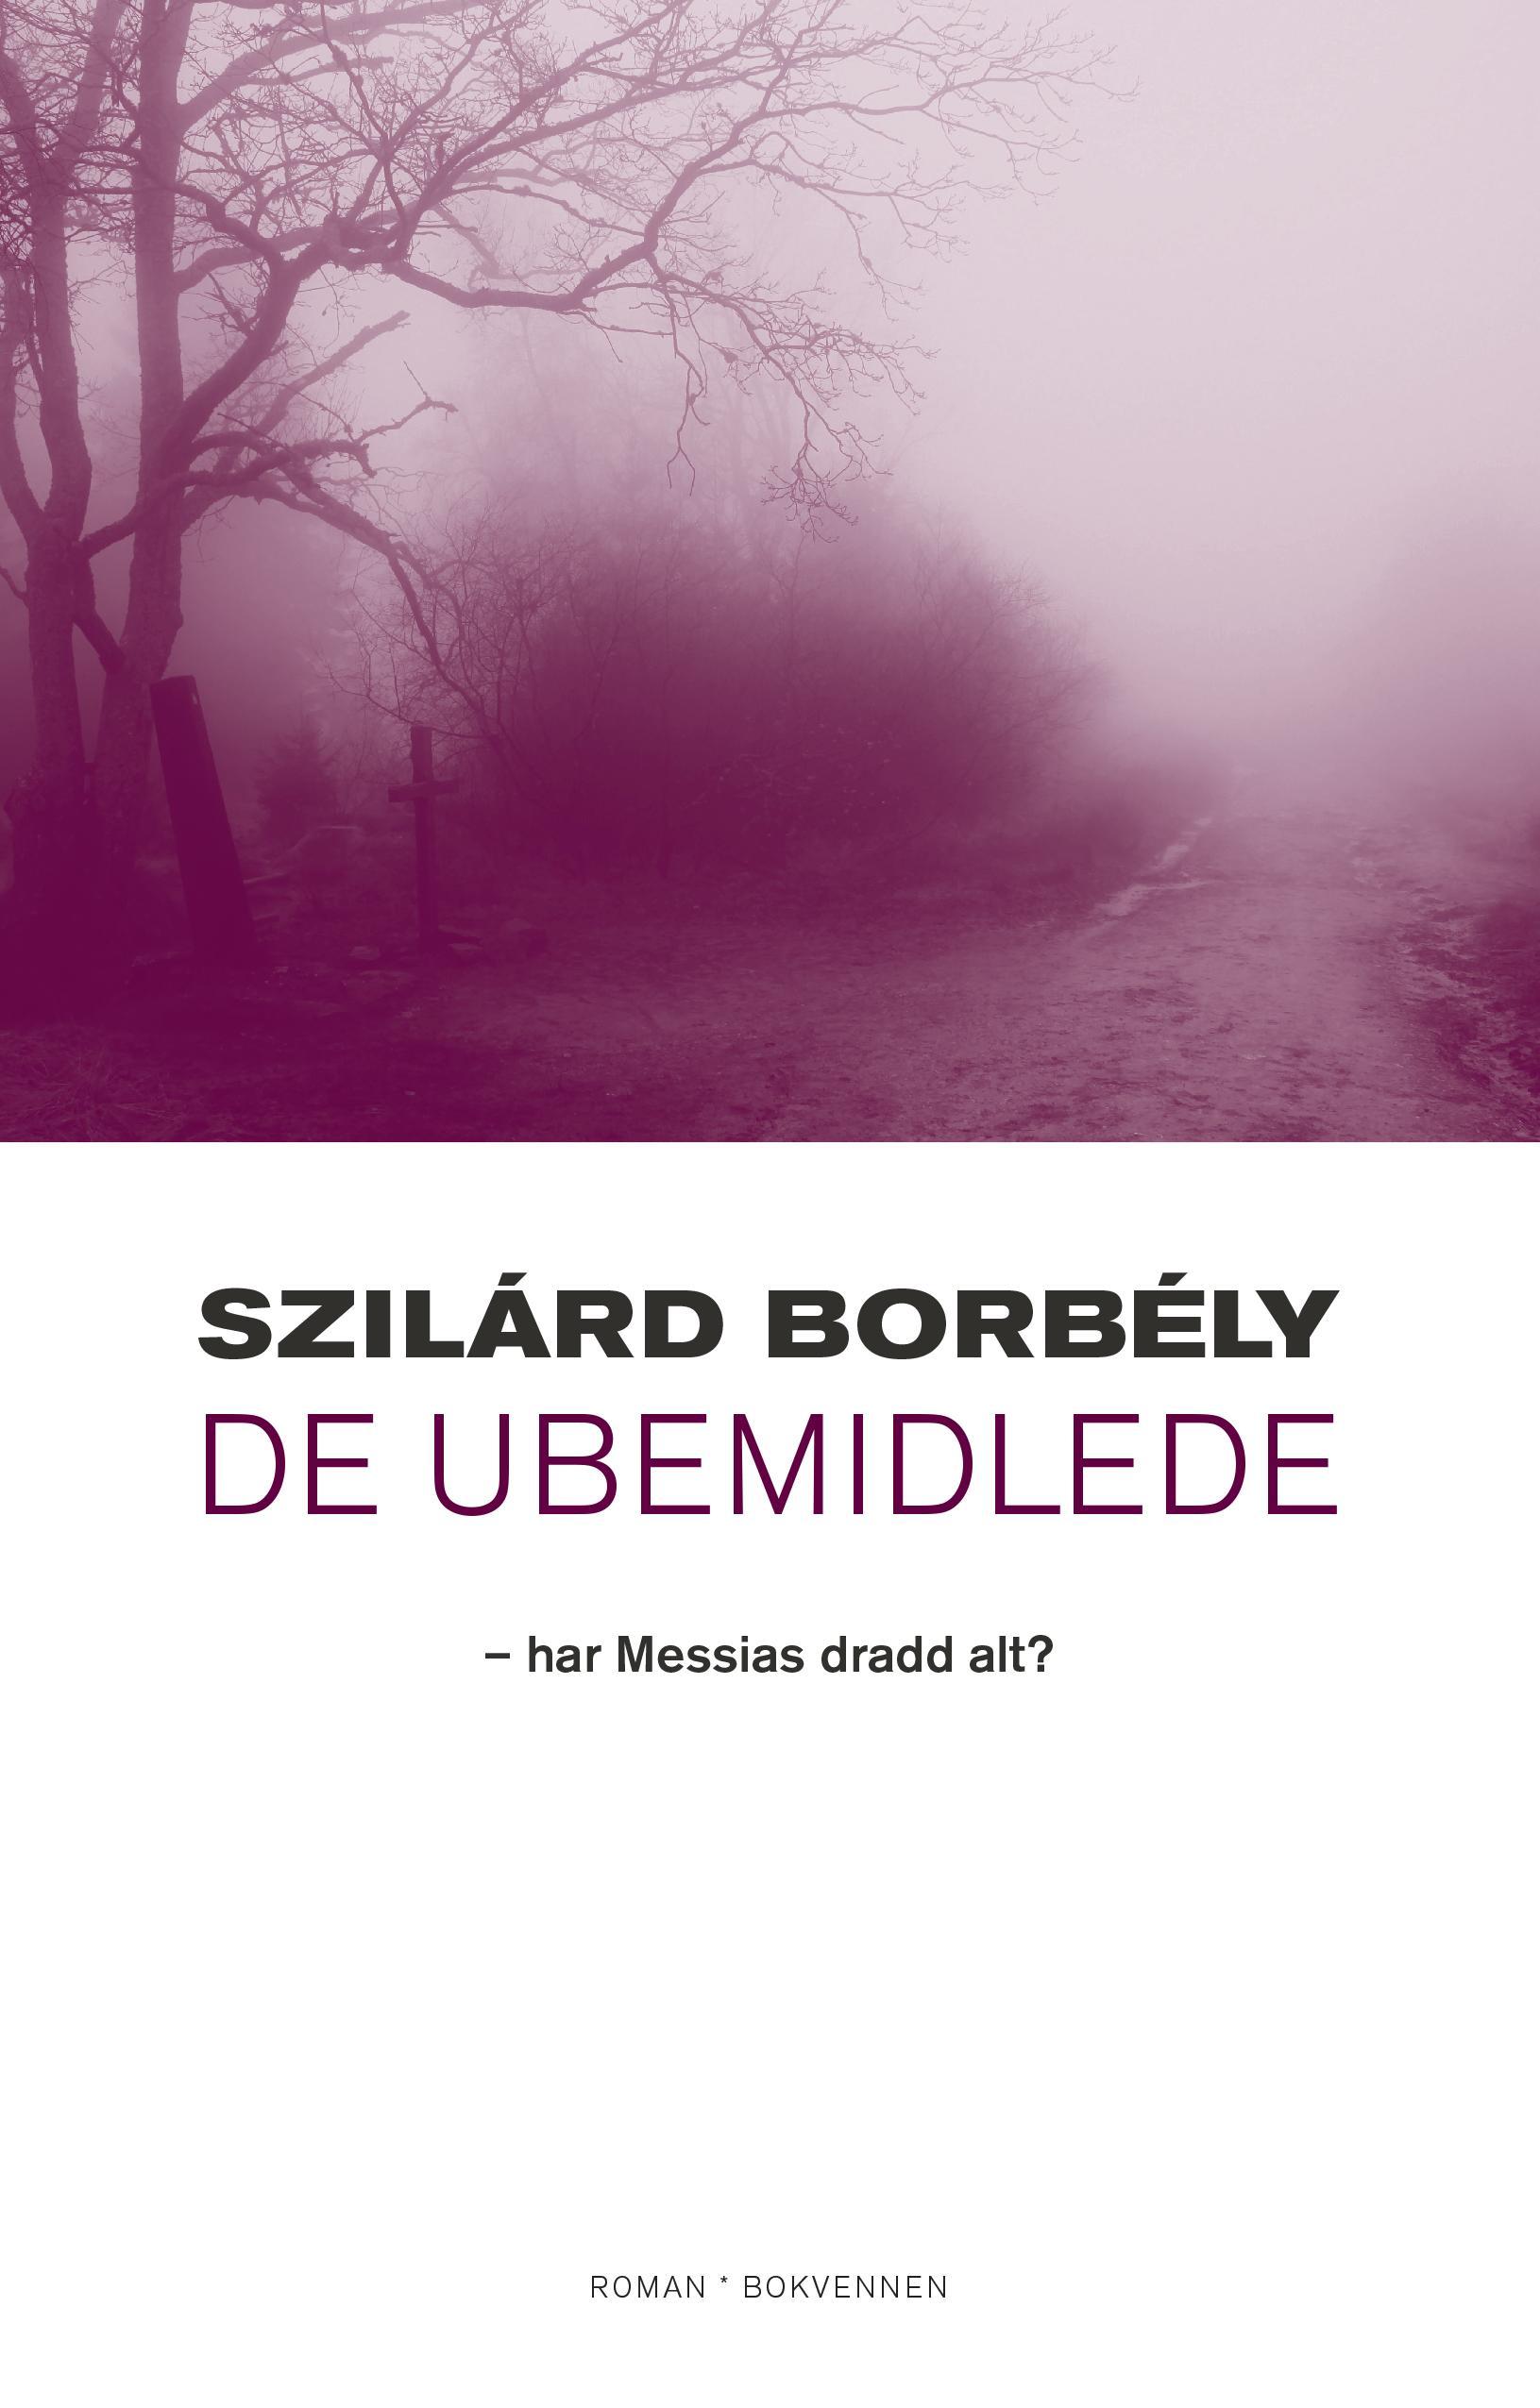 """""""De ubemidlede - har Messias dradd alt?"""" av Szilárd Borbély"""